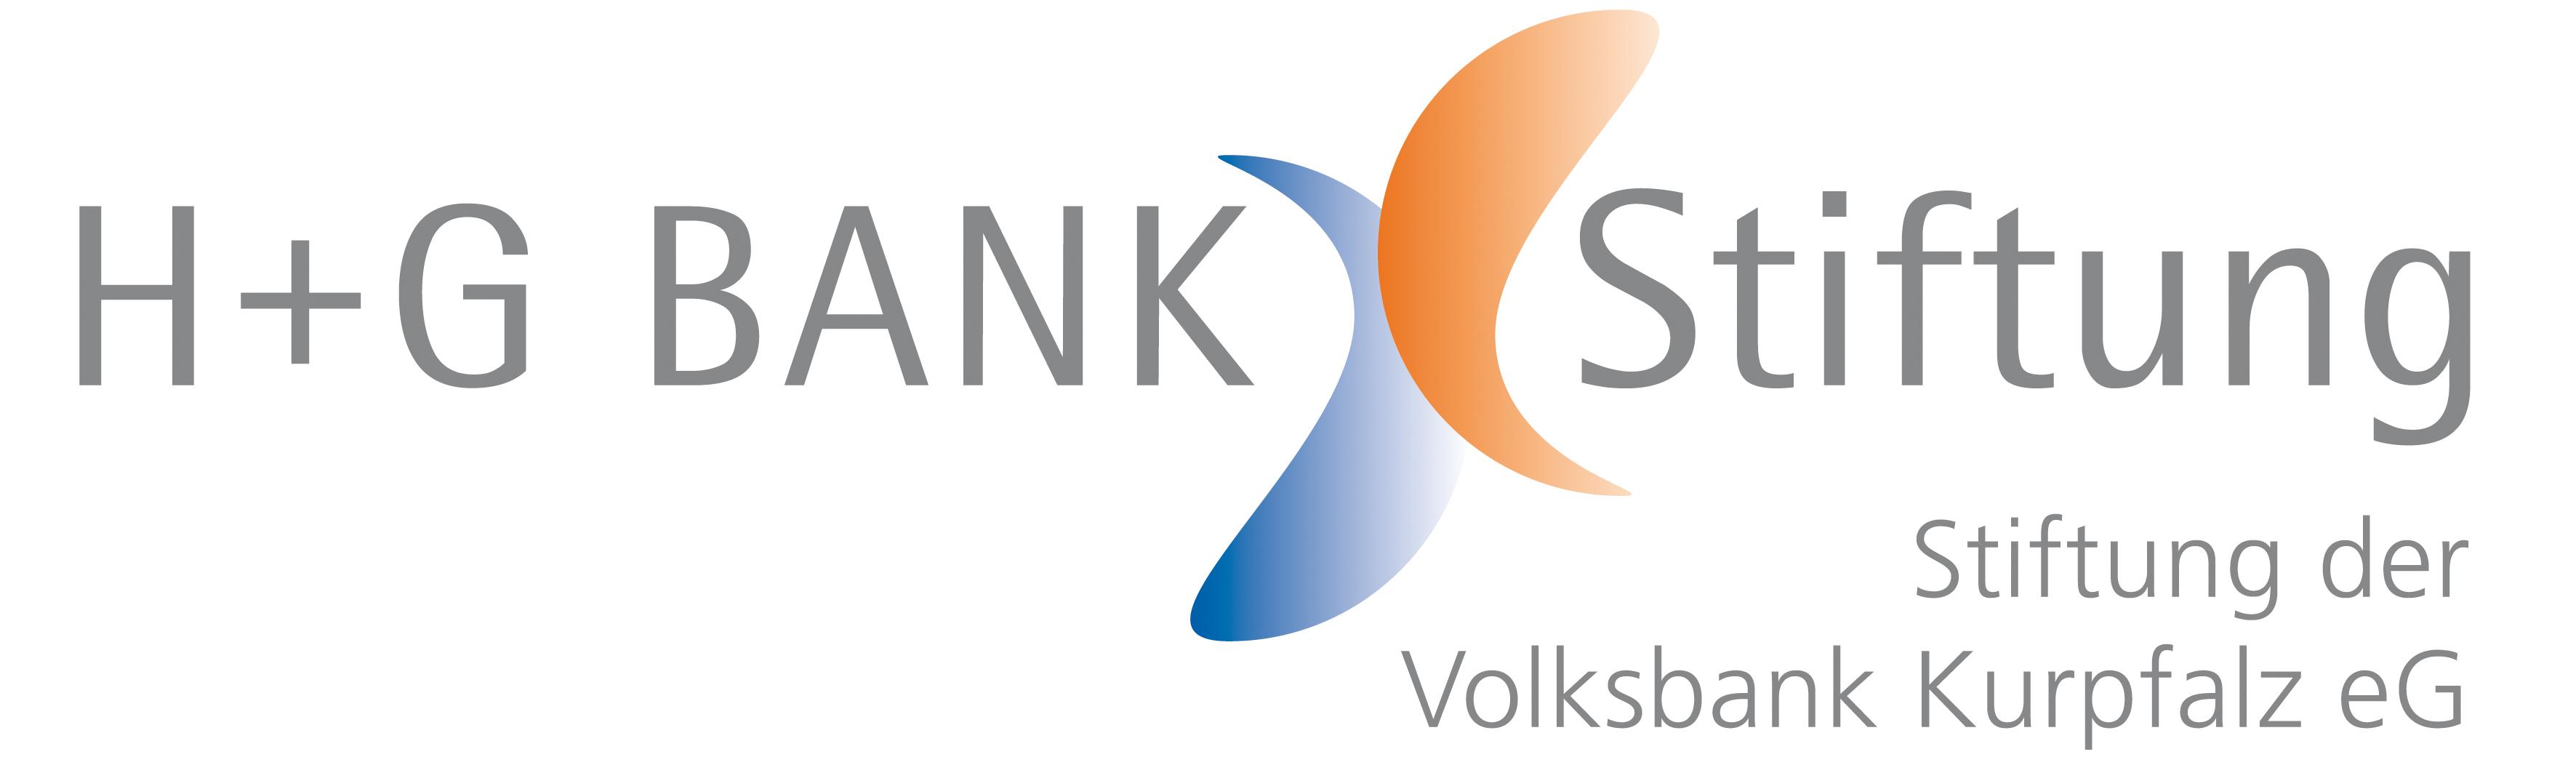 VB_Bank_Stiftung